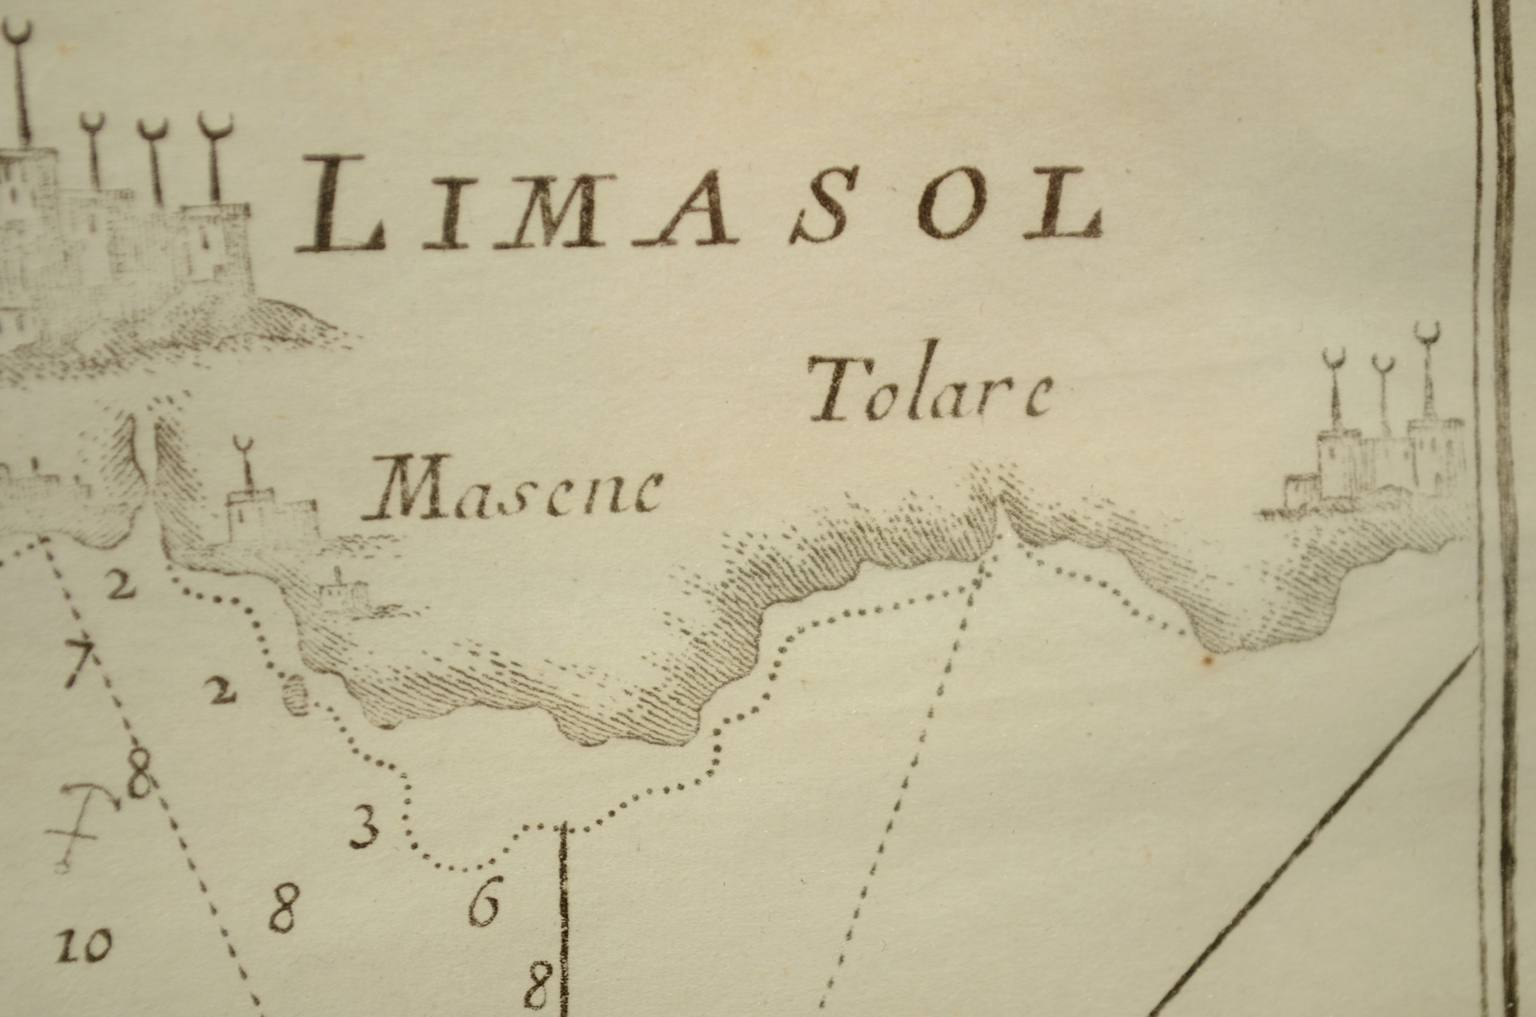 Antiquariato nautico/3477-Cipre e Limasol